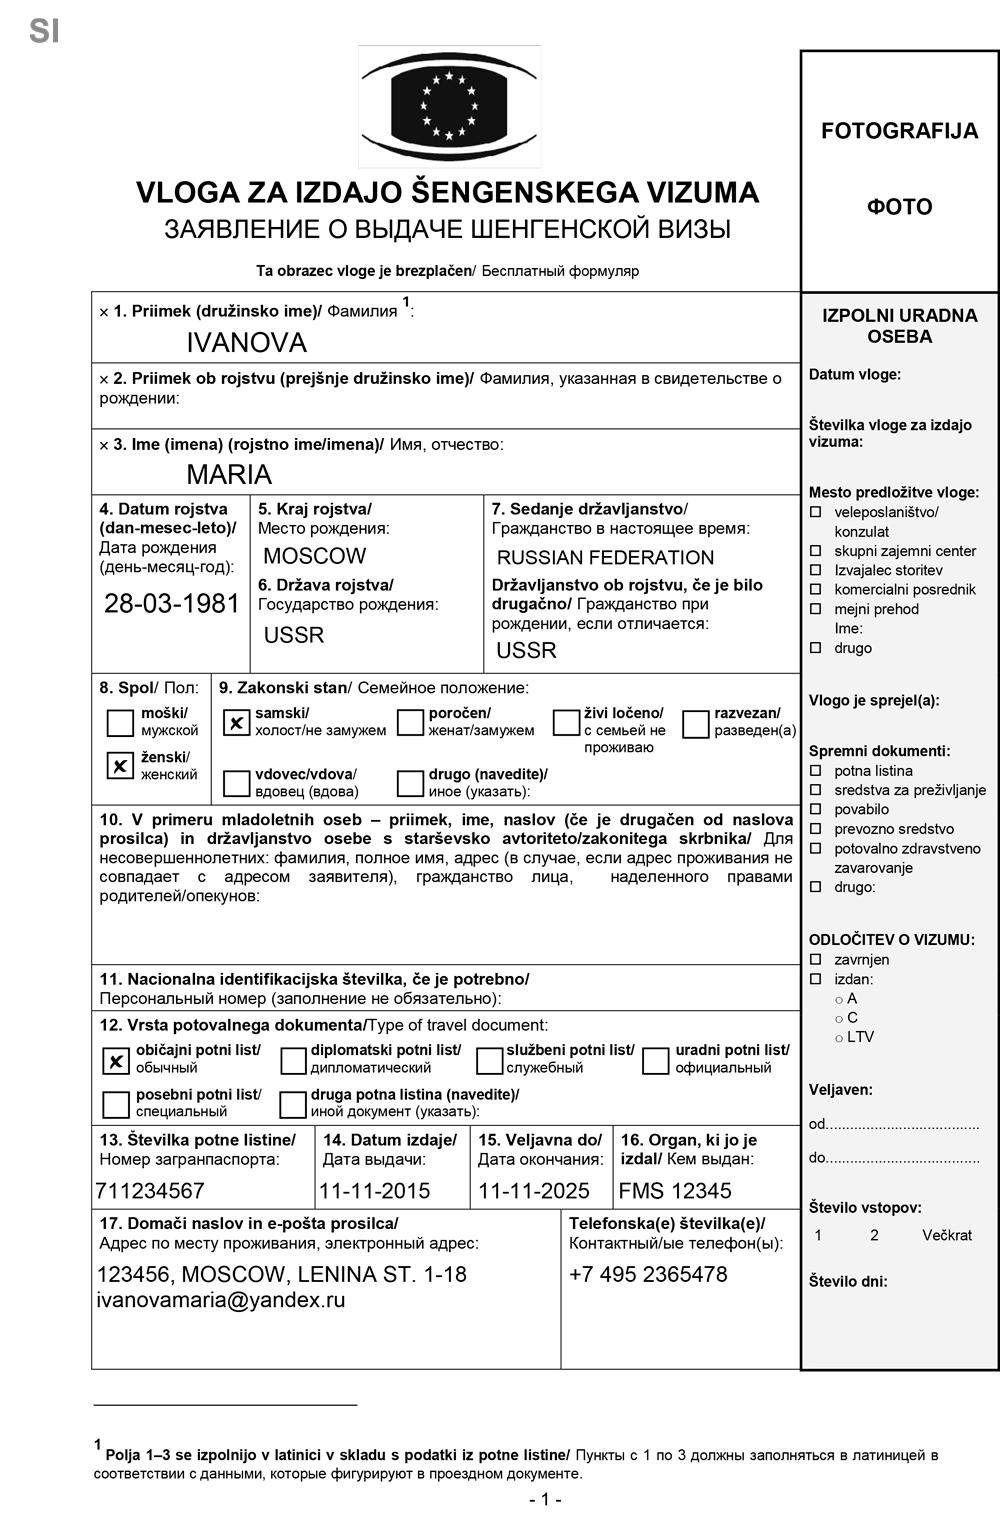 Образец заполненной анкеты на визу в Словению, стр. 1